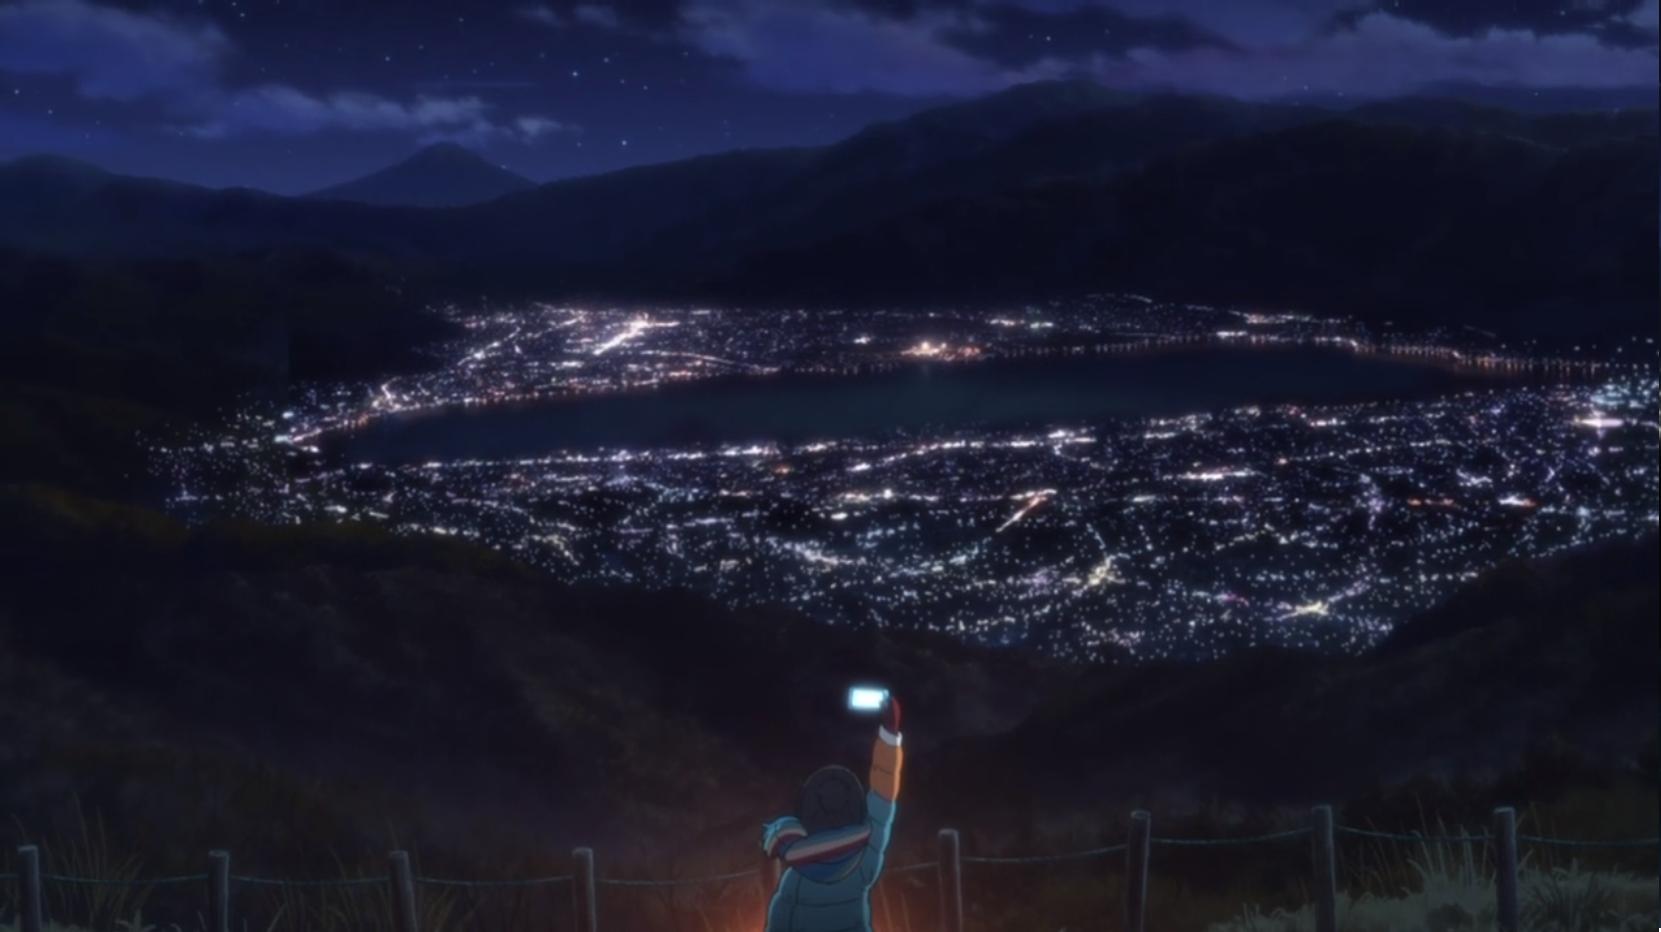 アニメ『ゆるキャン△』5話の志摩リンが見た夜景